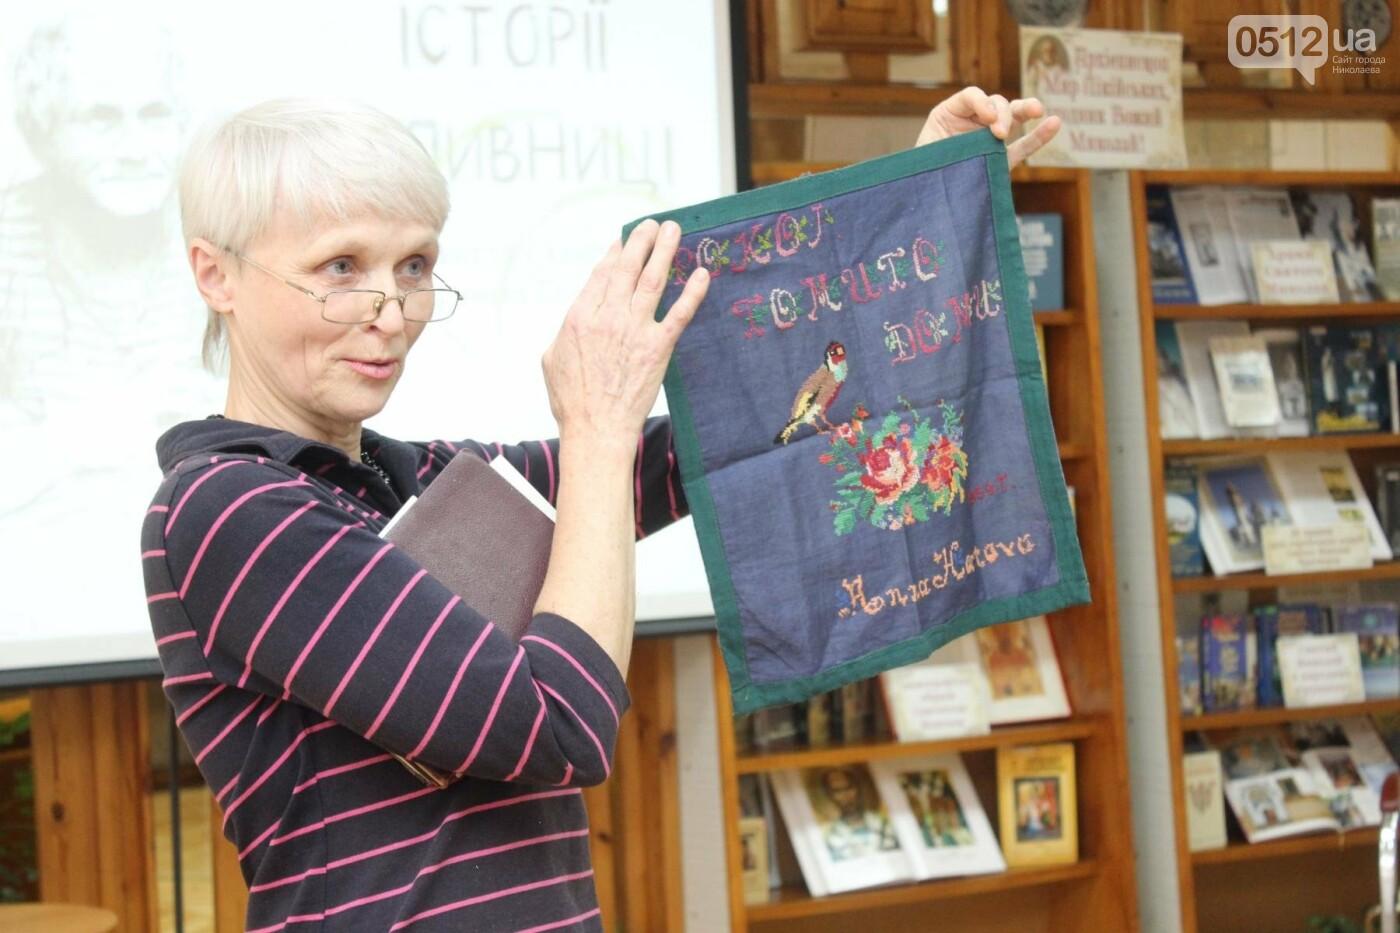 Пиво и котики: в Николаеской библиотеке состоялось литературное ревью, - ФОТО, фото-5